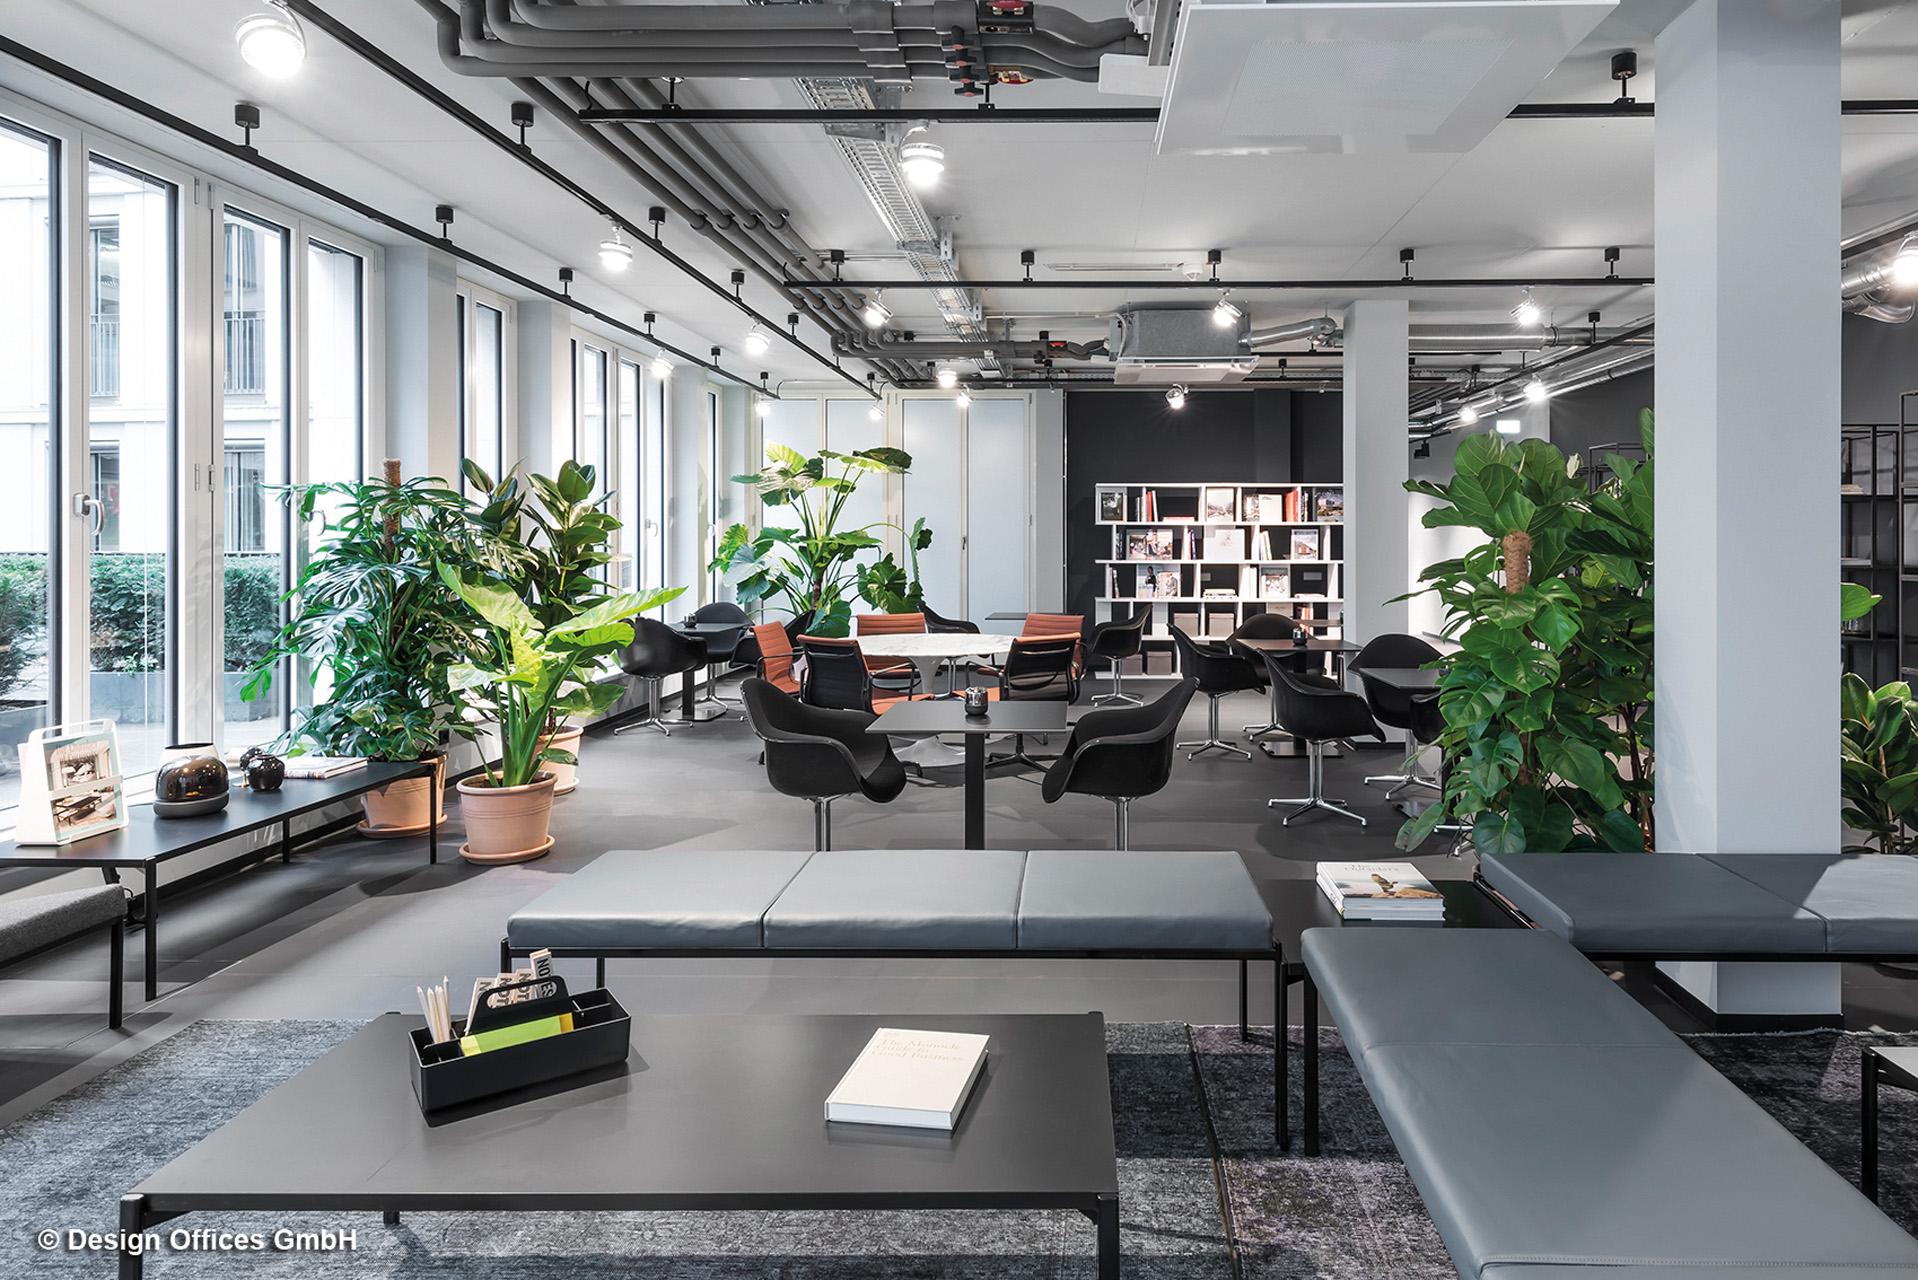 Uberlegen Design Offices Bietet Als Deutschlands Führender Coworking Anbieter Auch In  Köln Flexible Arbeitsplätze Der Premium Klasse